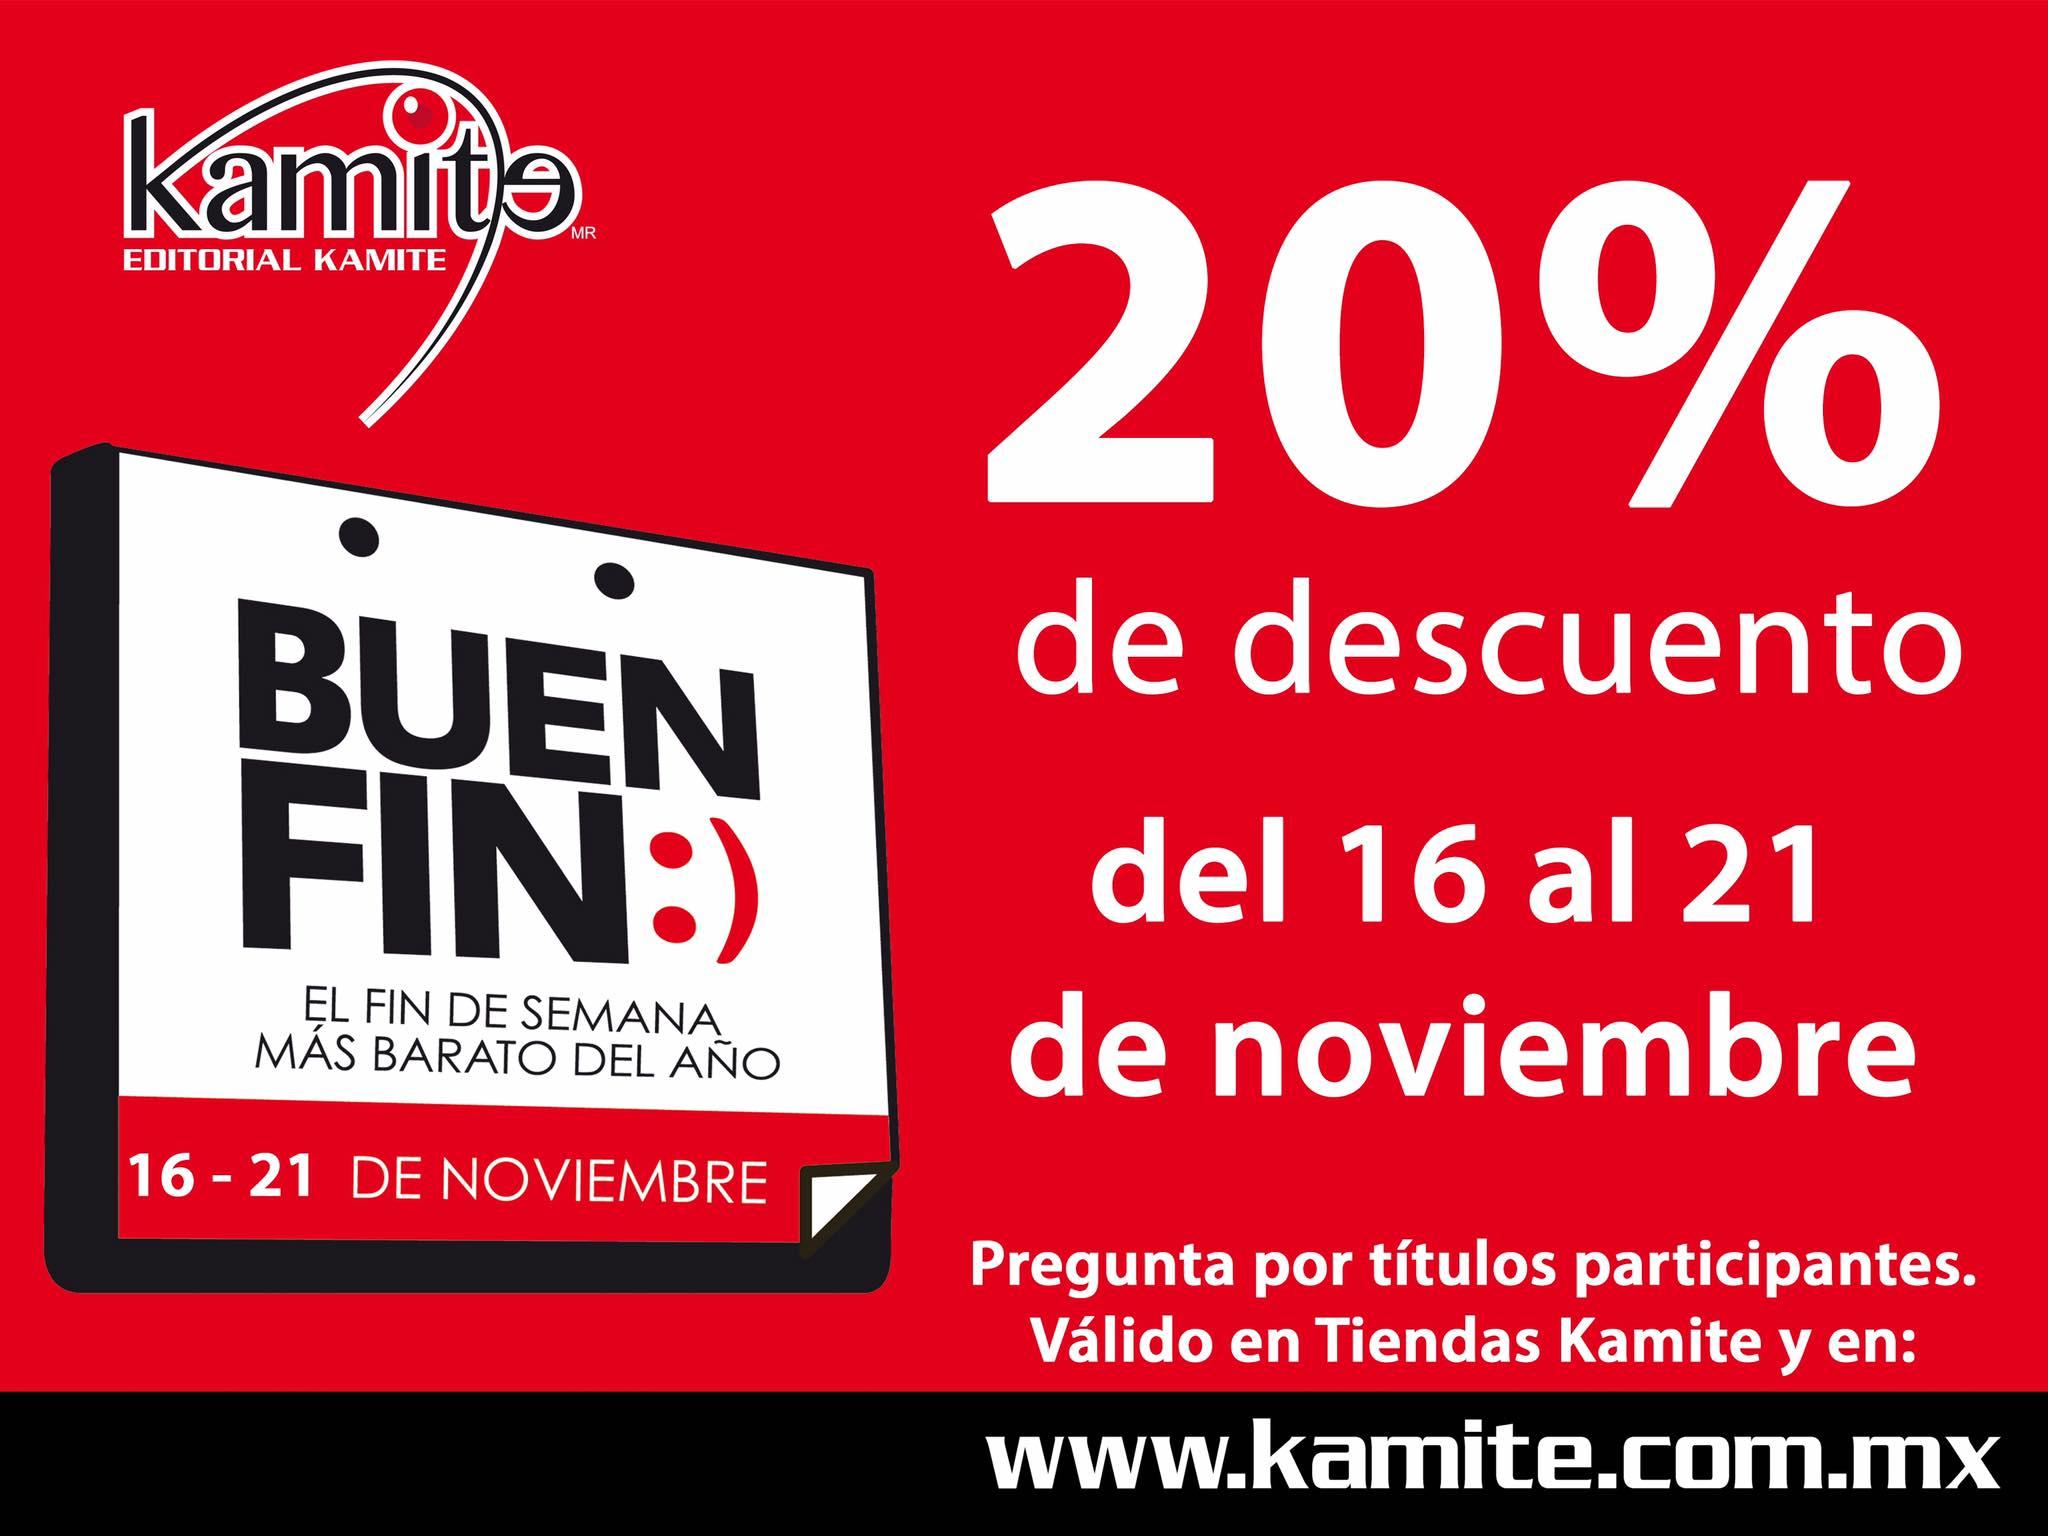 Ofertas del Buen Fin 2016 Editorial Kamite: 20% de descuento en títulos participantes